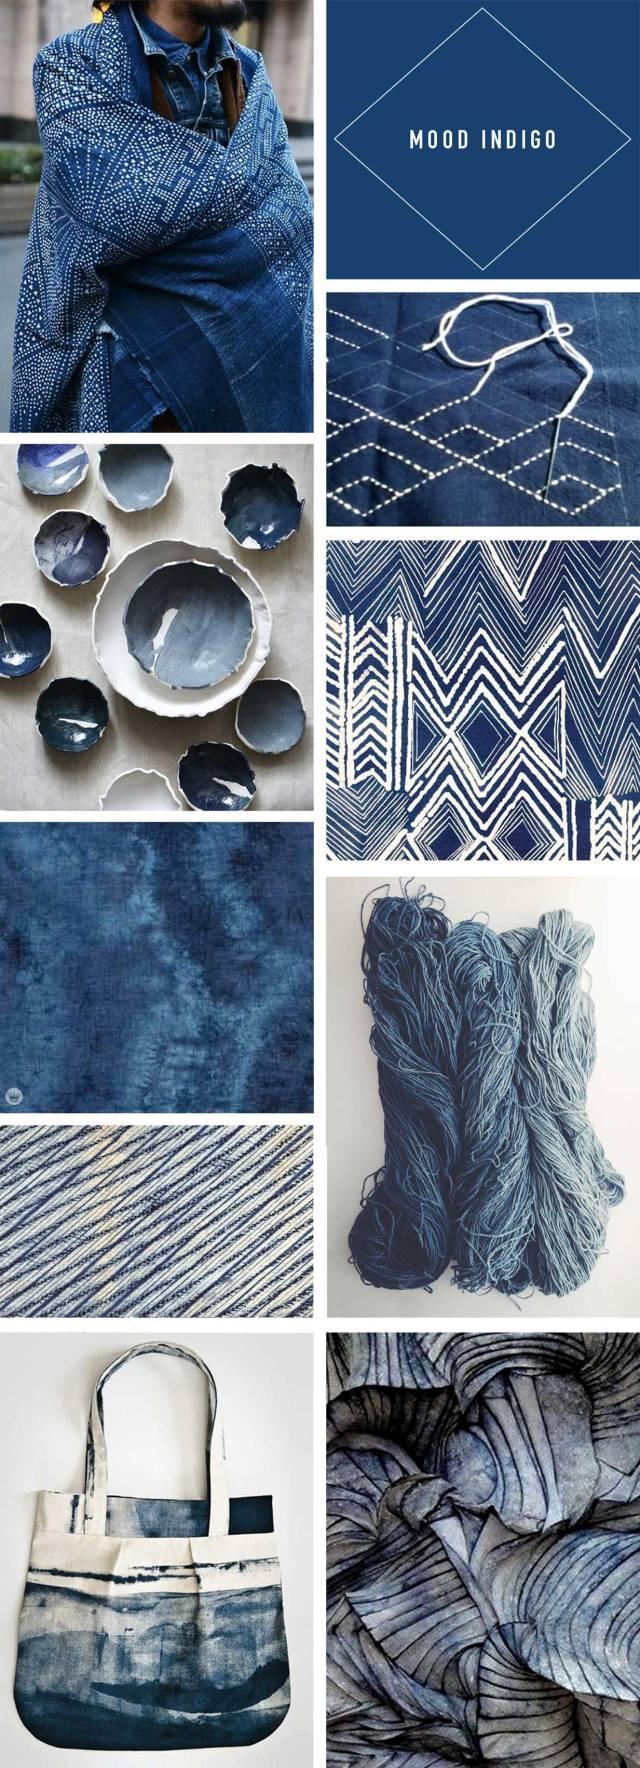 Indigo trend story: Fashion, décor, design, and craft.